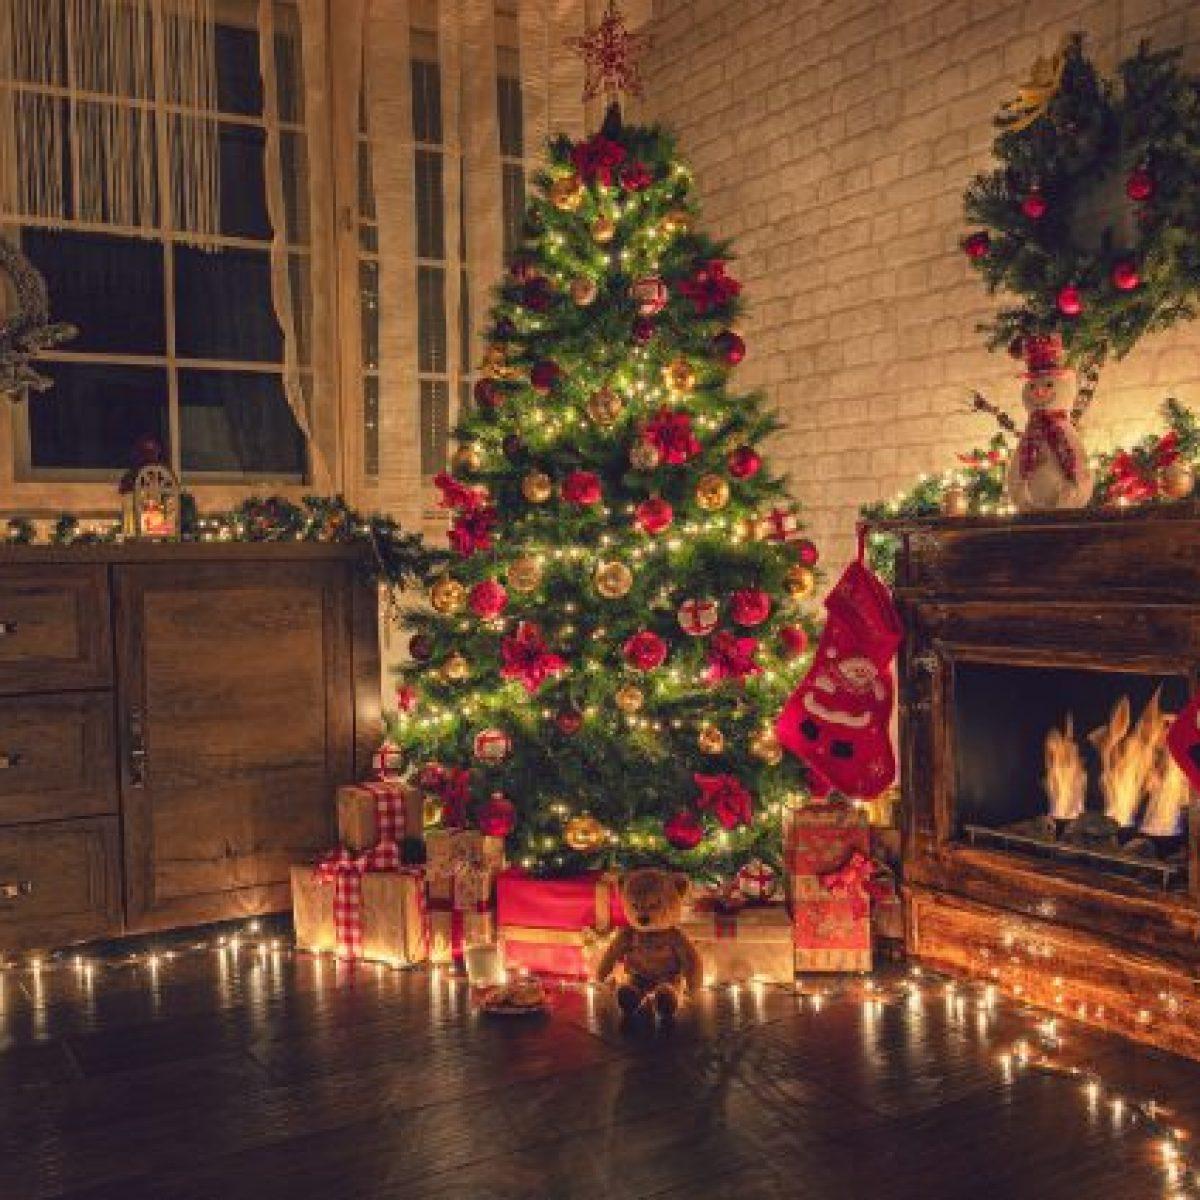 Addobbi Natalizi 3d.Come Addobbare La Casa A Natale 70 Idee Facili Per Esterni E Interni